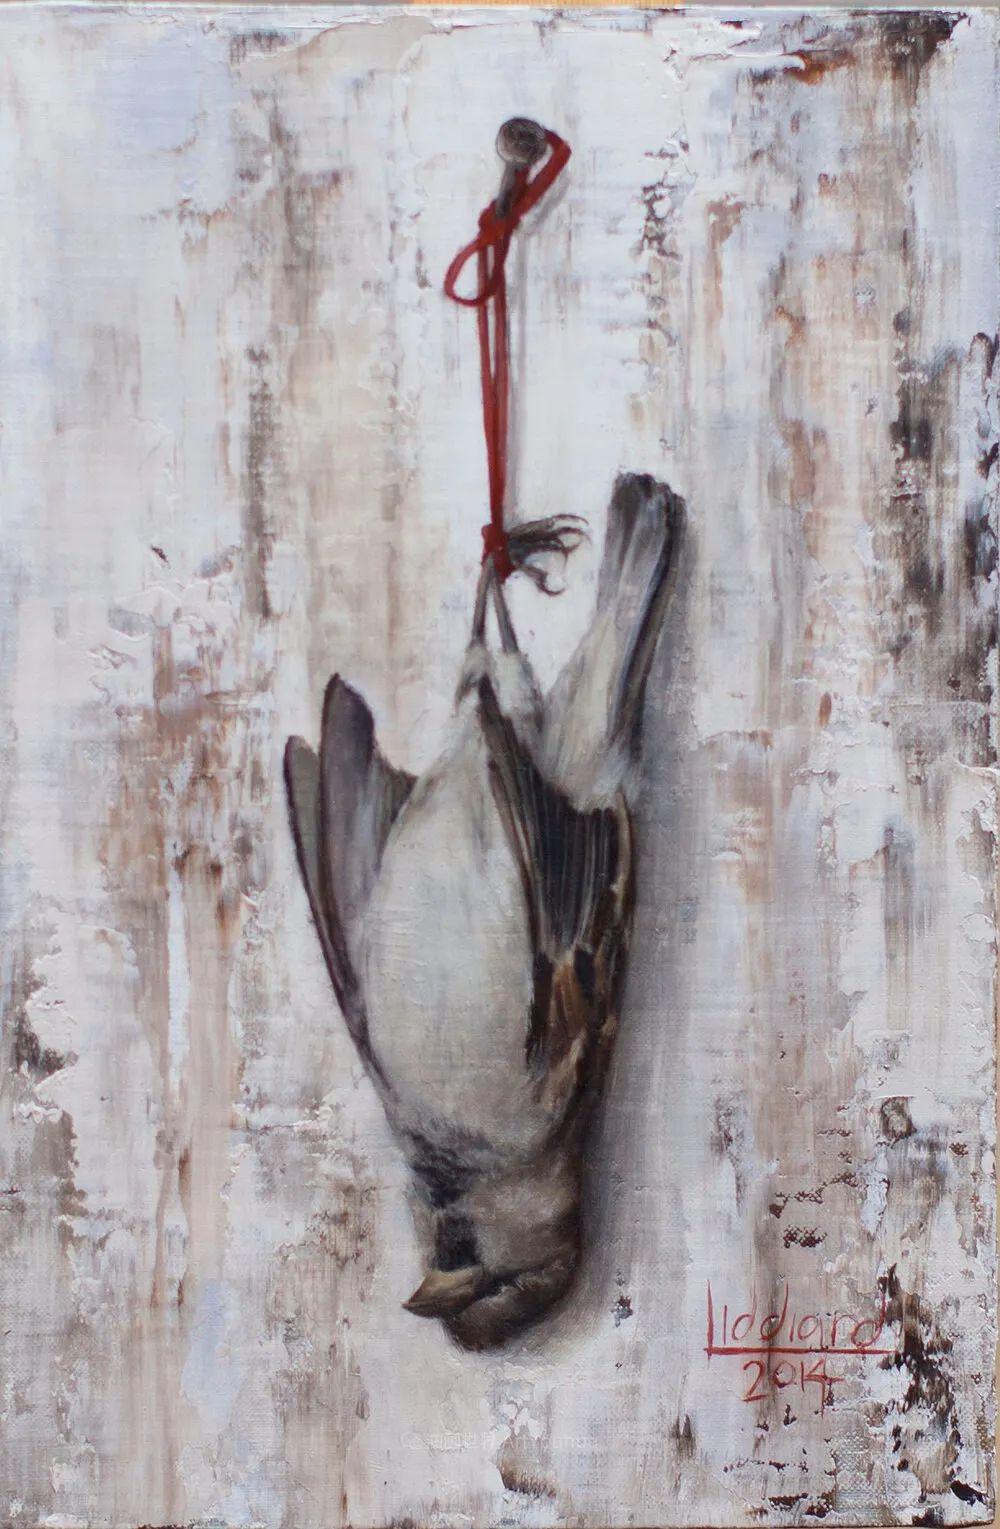 在平凡中寻找卓越,美国女画家凯蒂·利迪亚德插图65